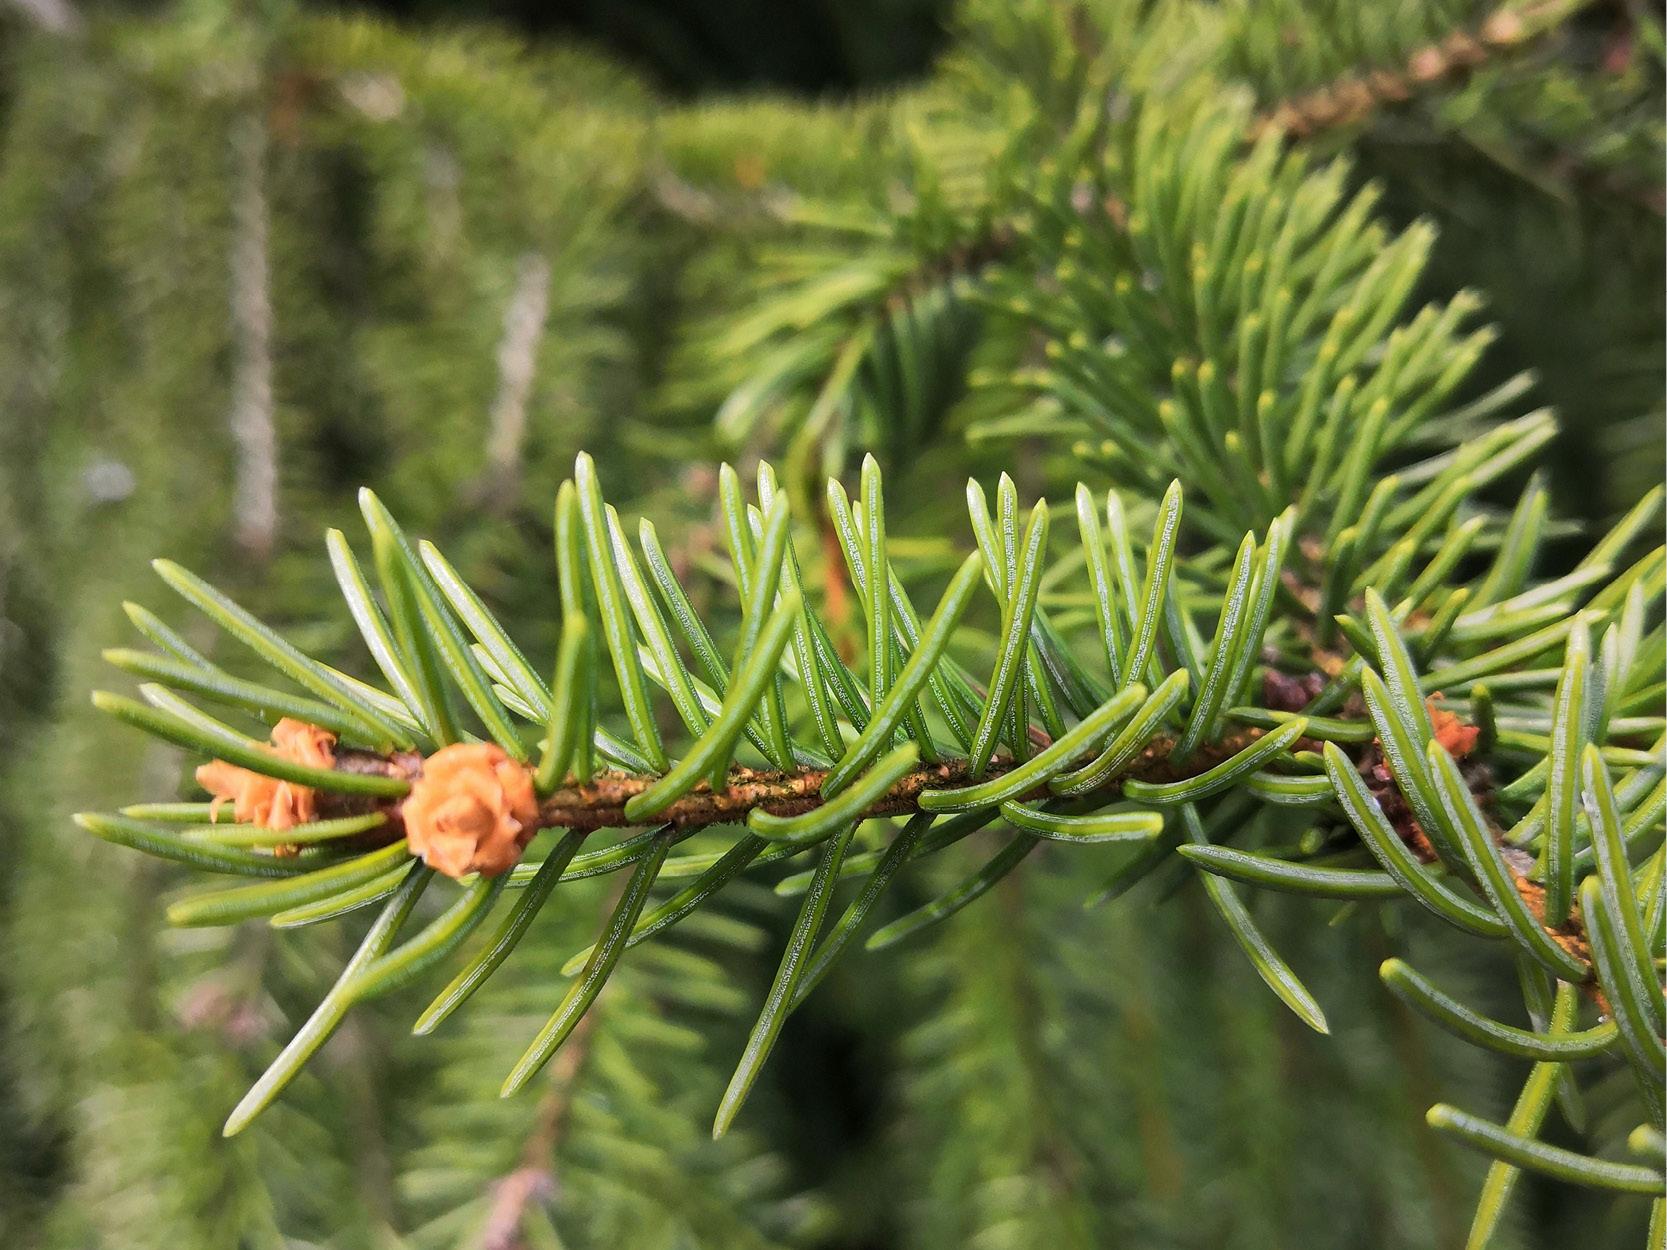 Lär känna träd och växter i skogen featured image